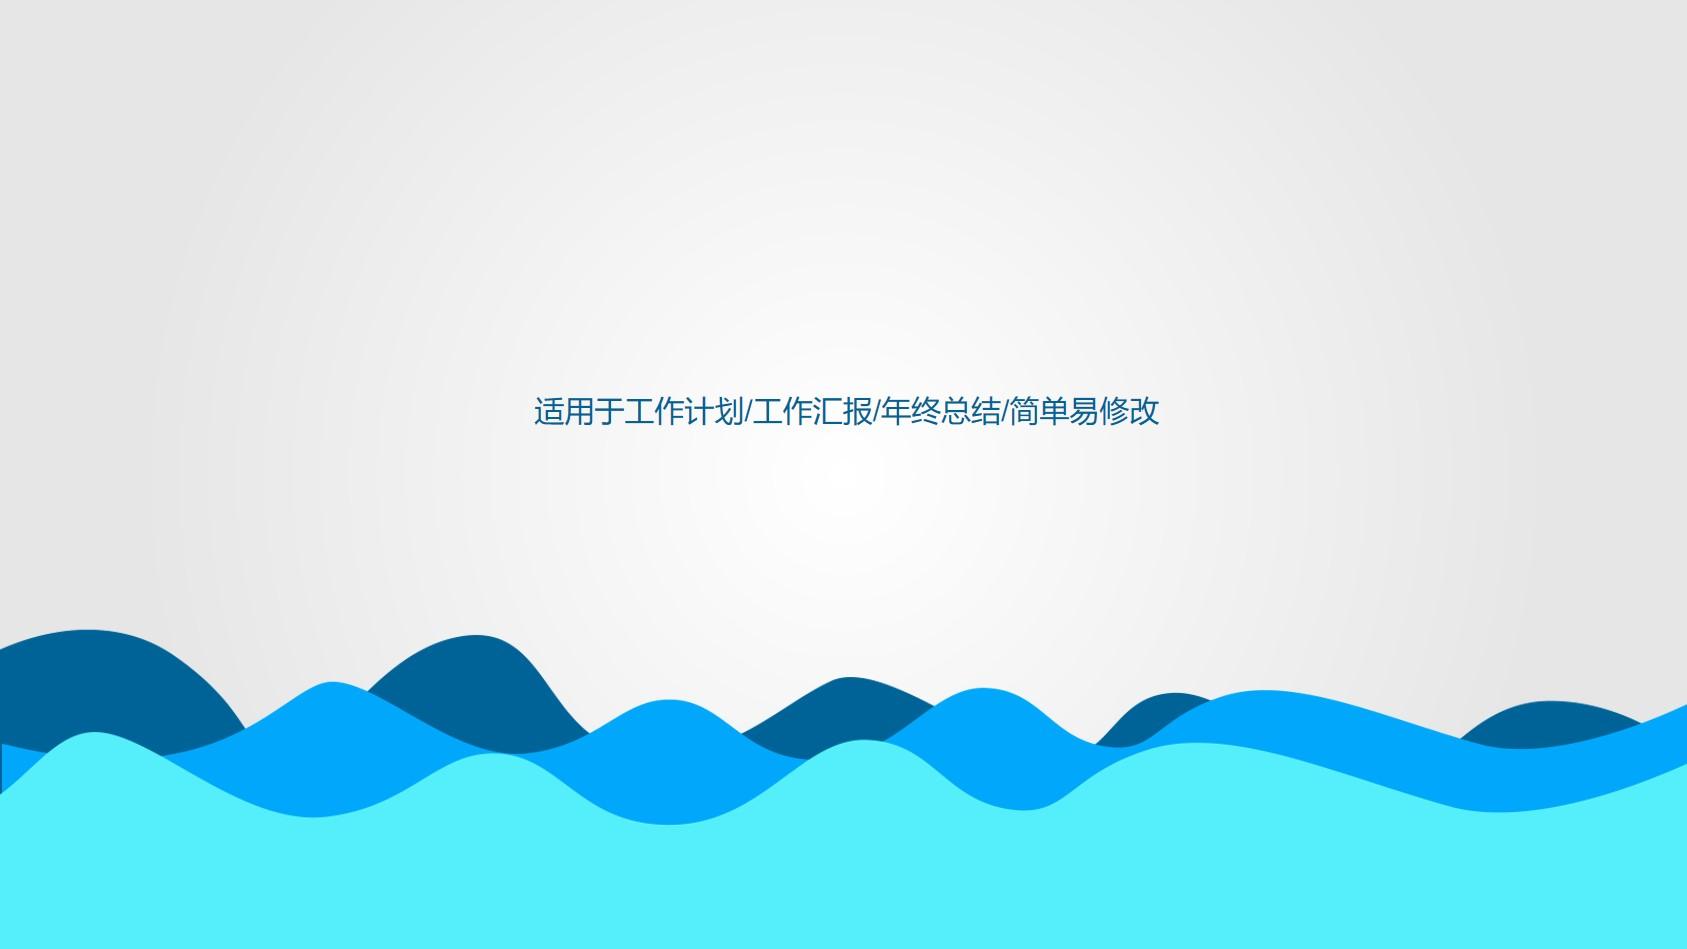 扁平化简洁蓝色波纹背景 个人述职报告PPT模板